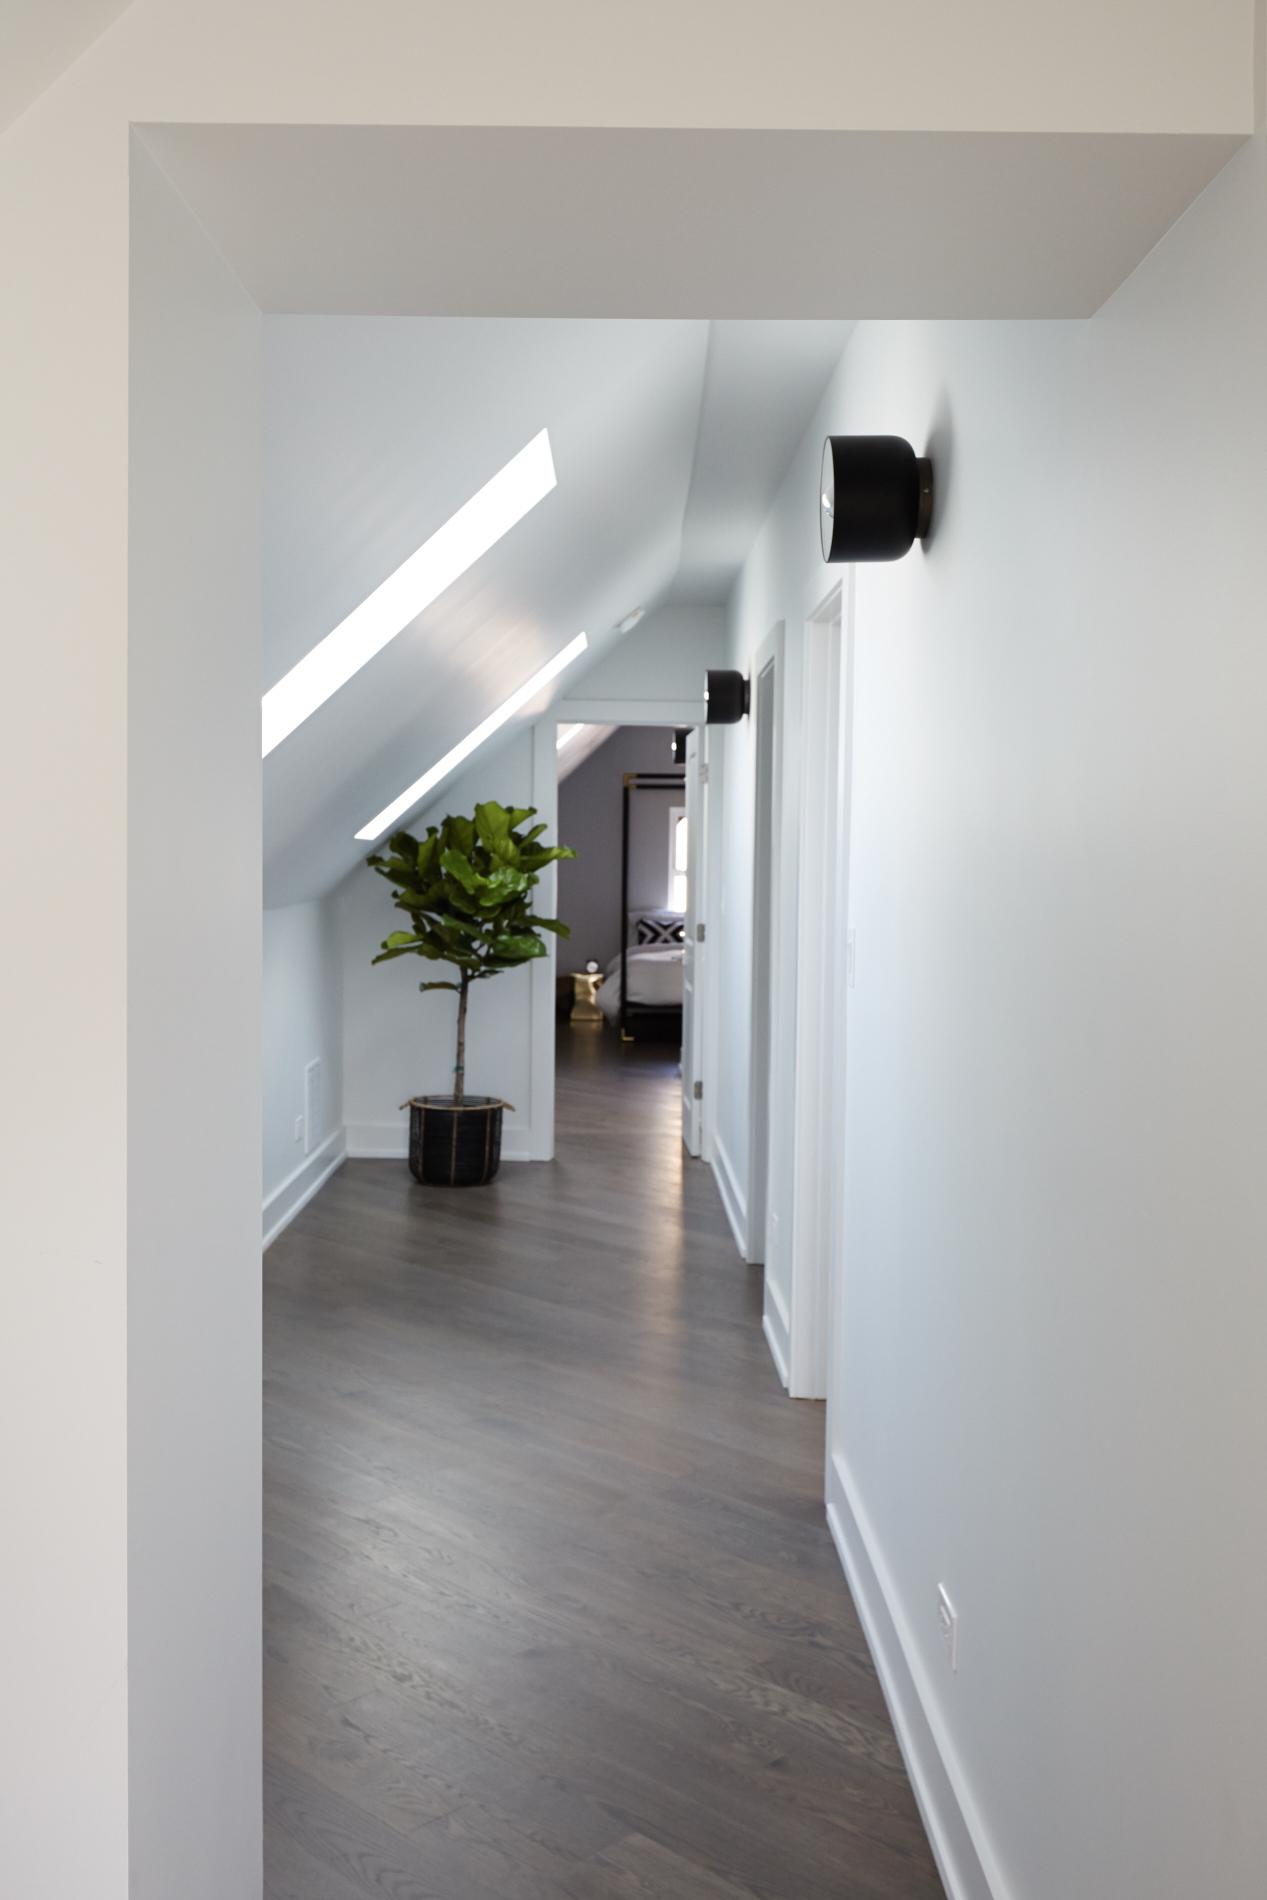 Diversey_Hallway_Floor_2_3489.jpg